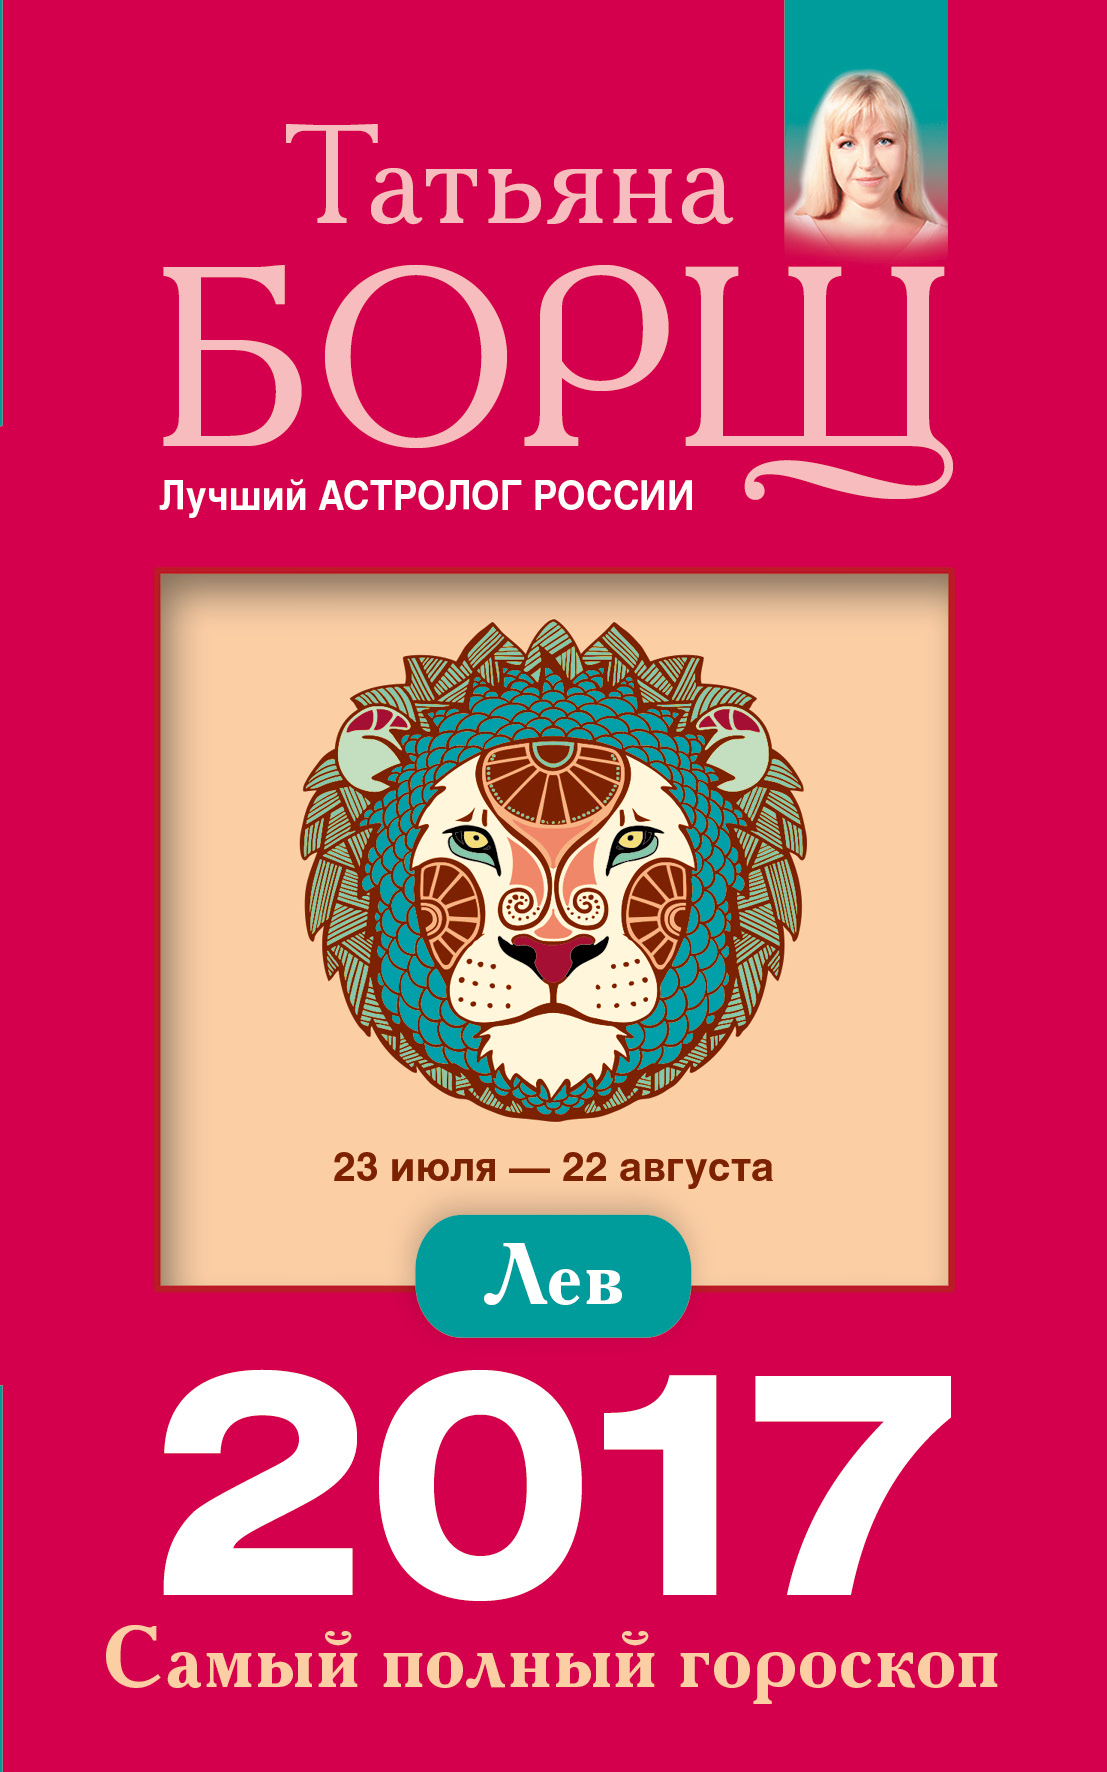 Лев. Самый полный гороскоп на 2017 год